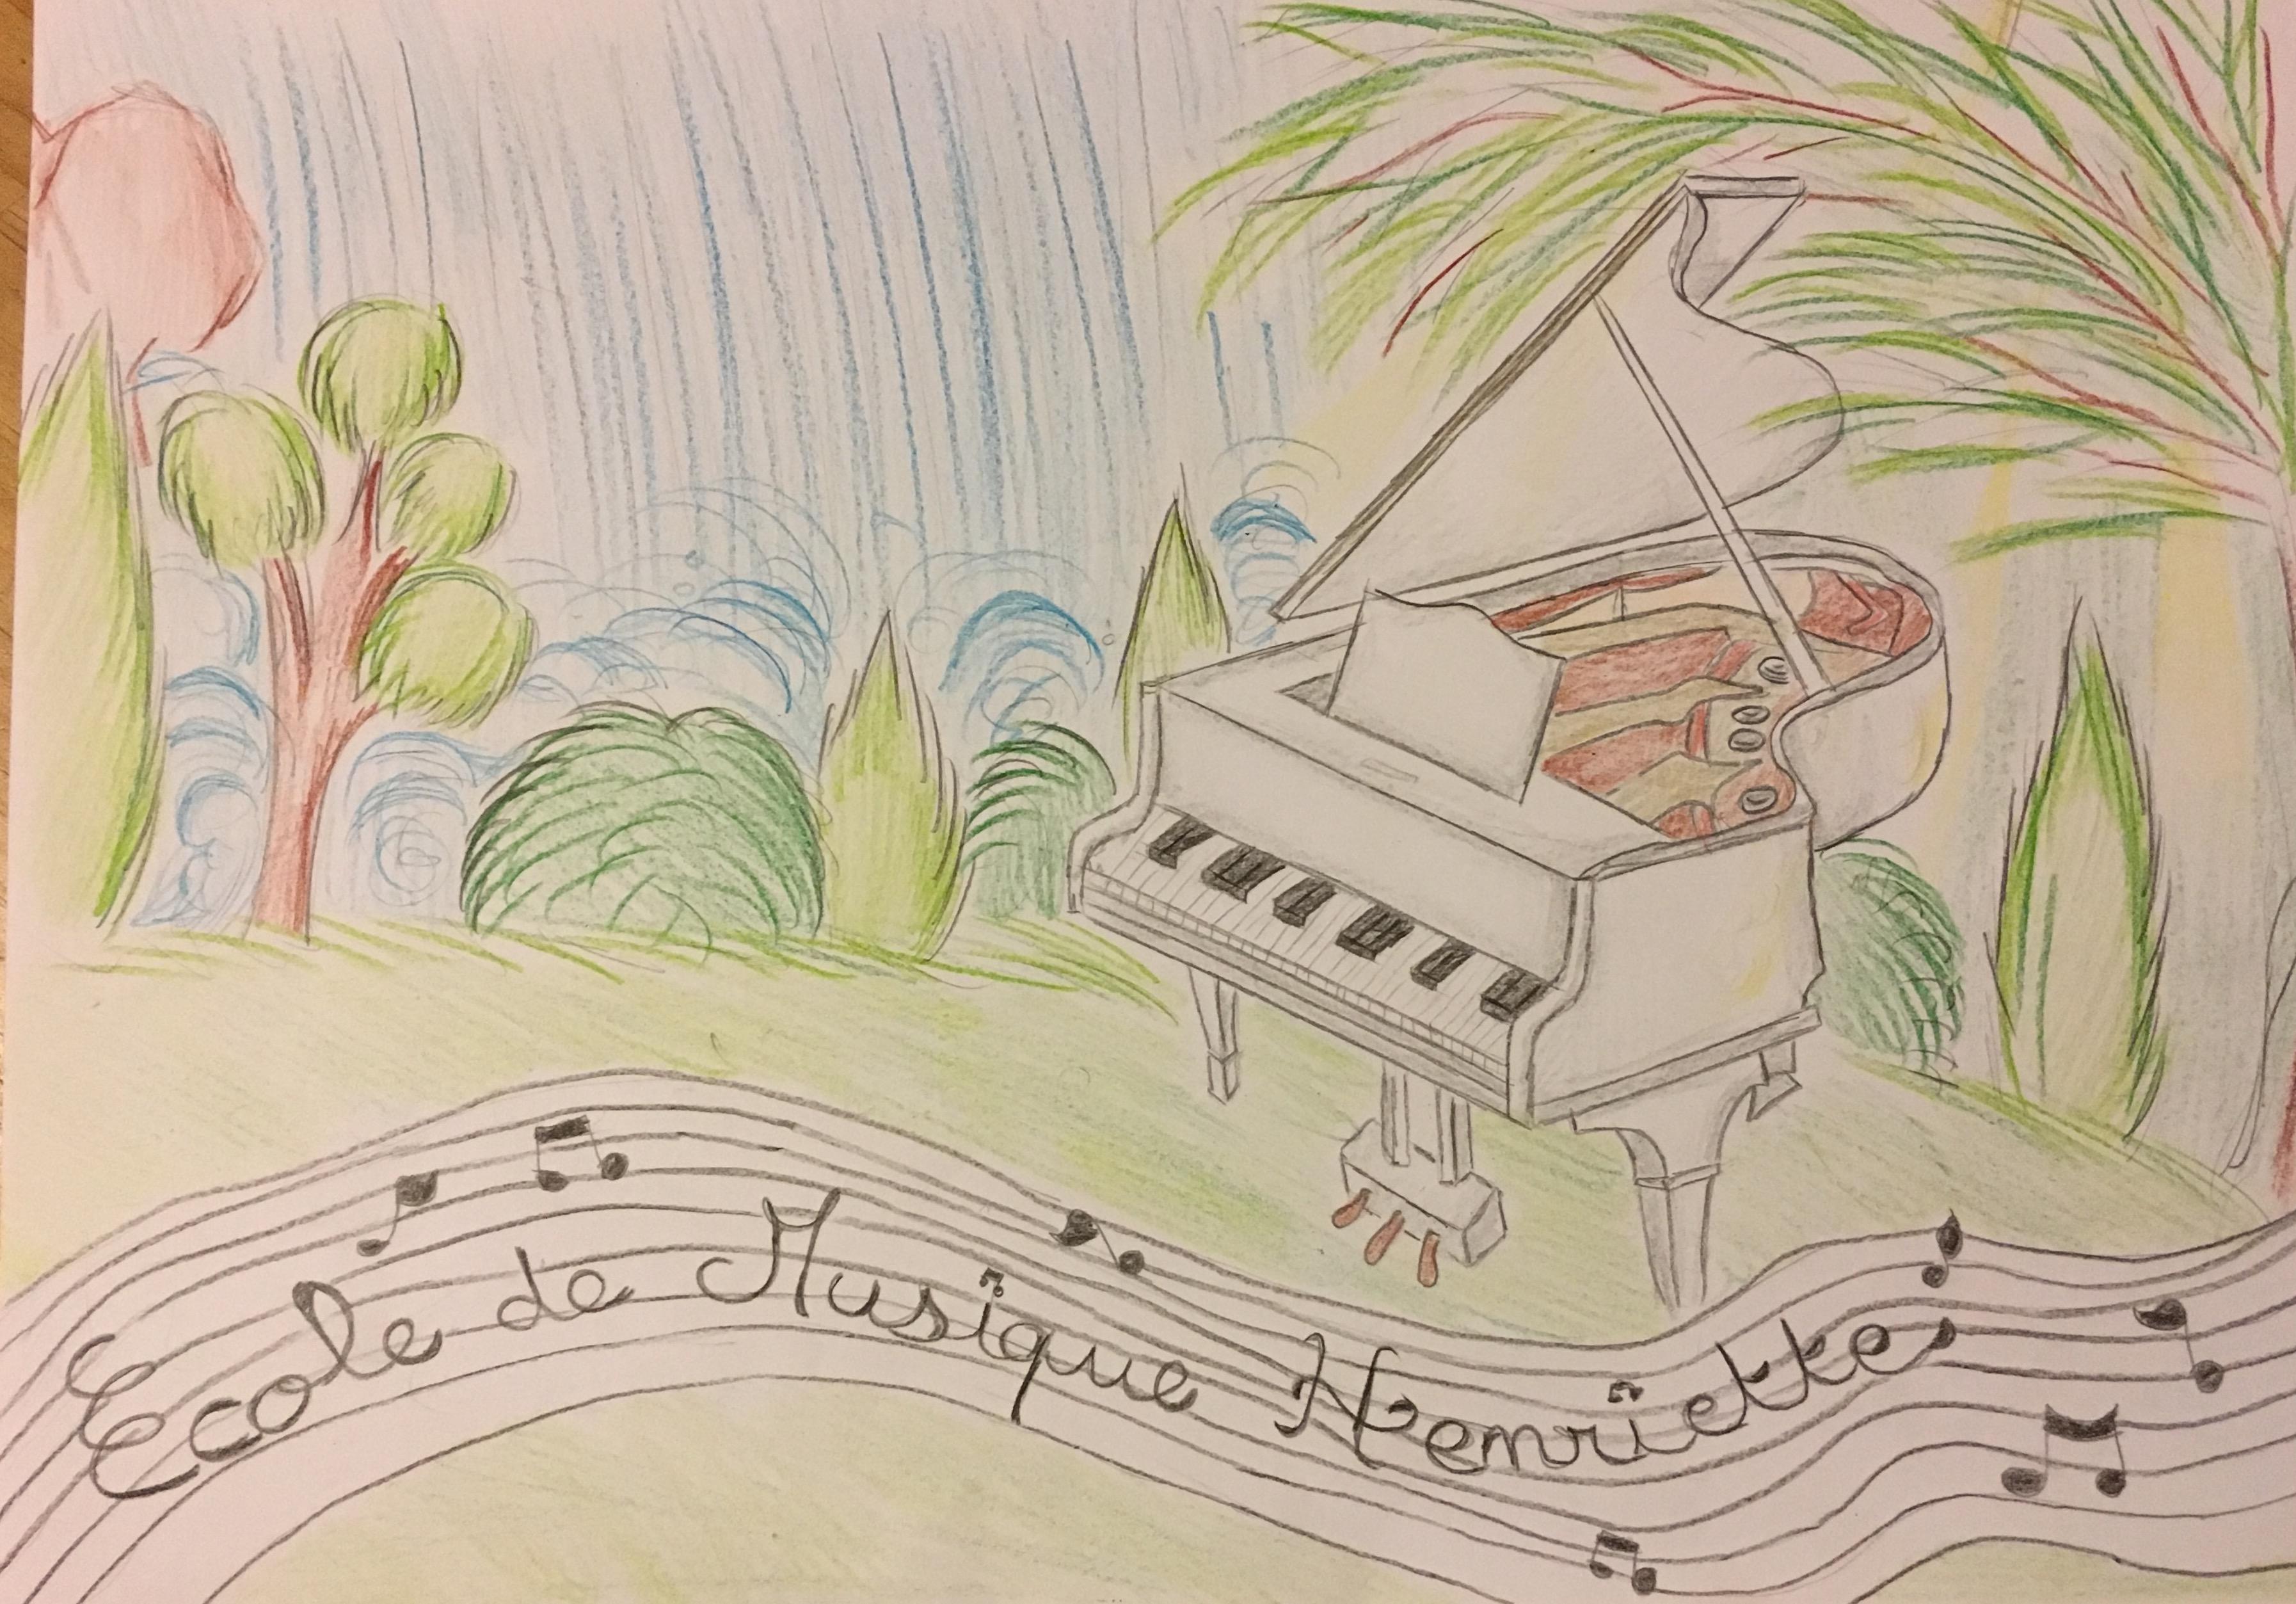 Ecole de musique Henriette-à-St-Maur-des-fossés